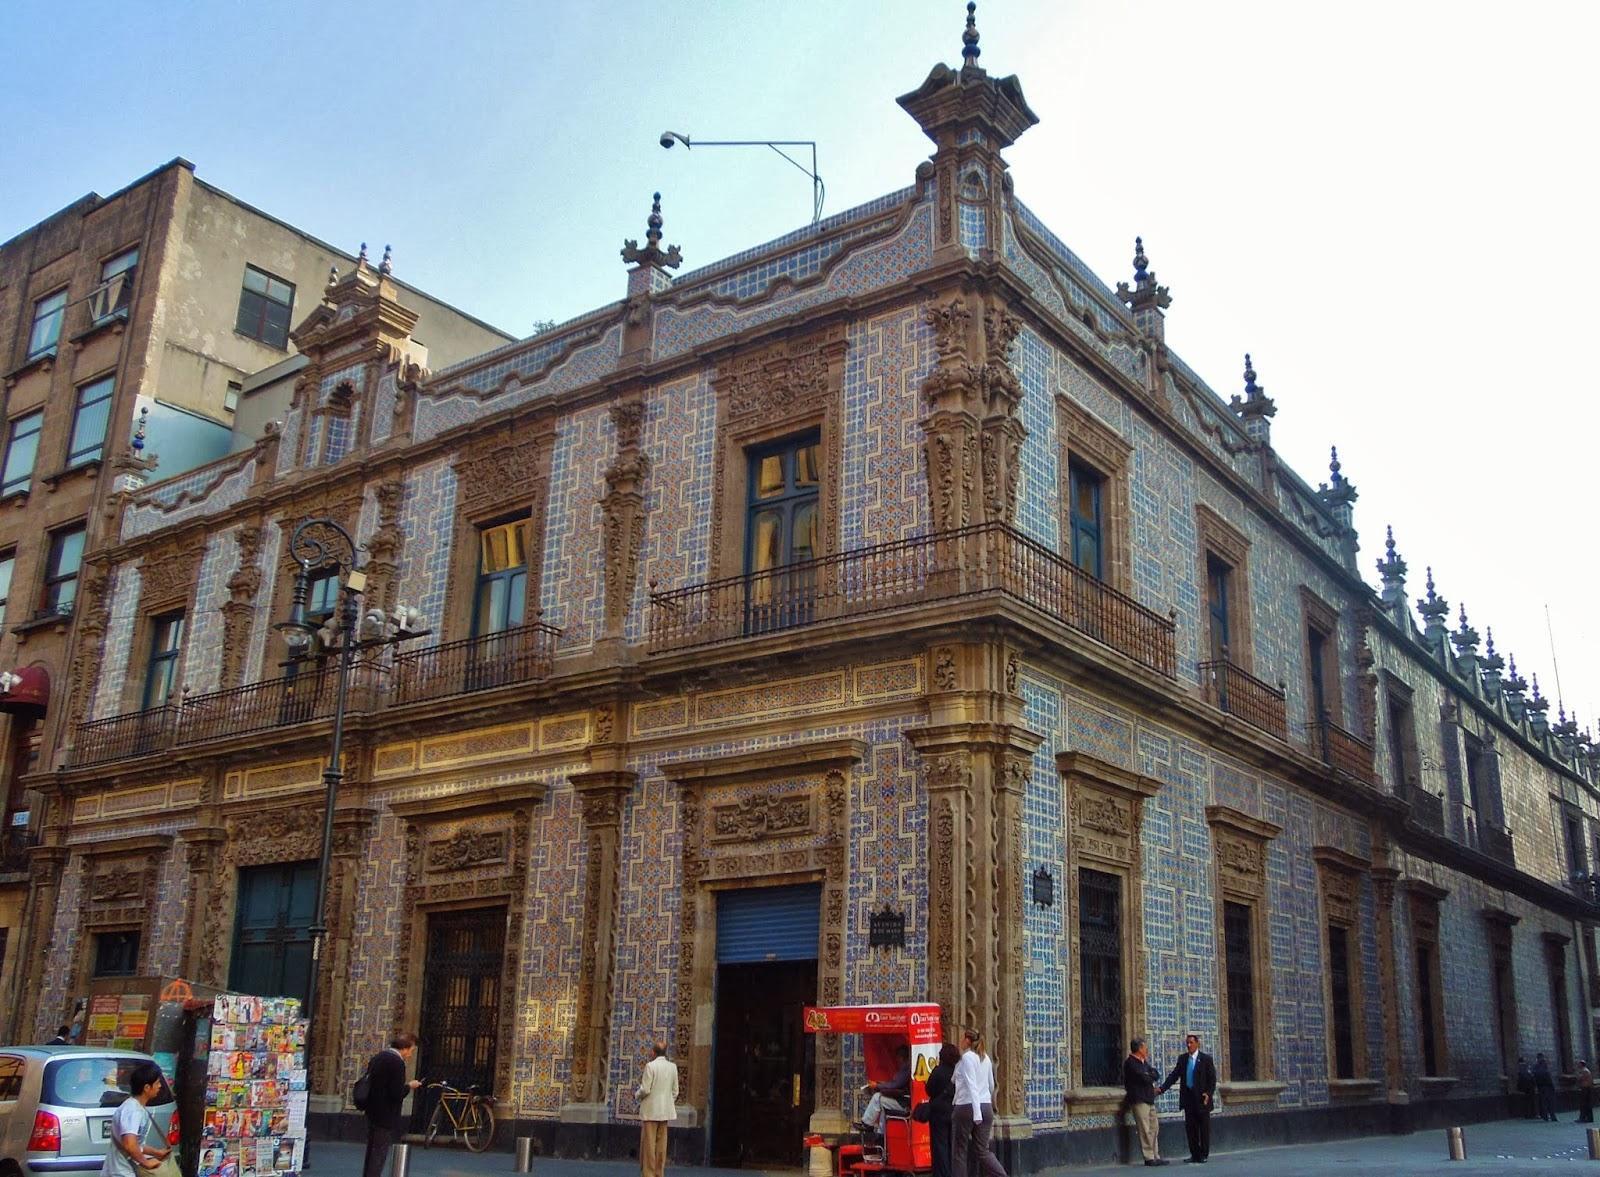 Mexique terre maya c te cara be mexico ville de la for Casa de los azulejos puebla